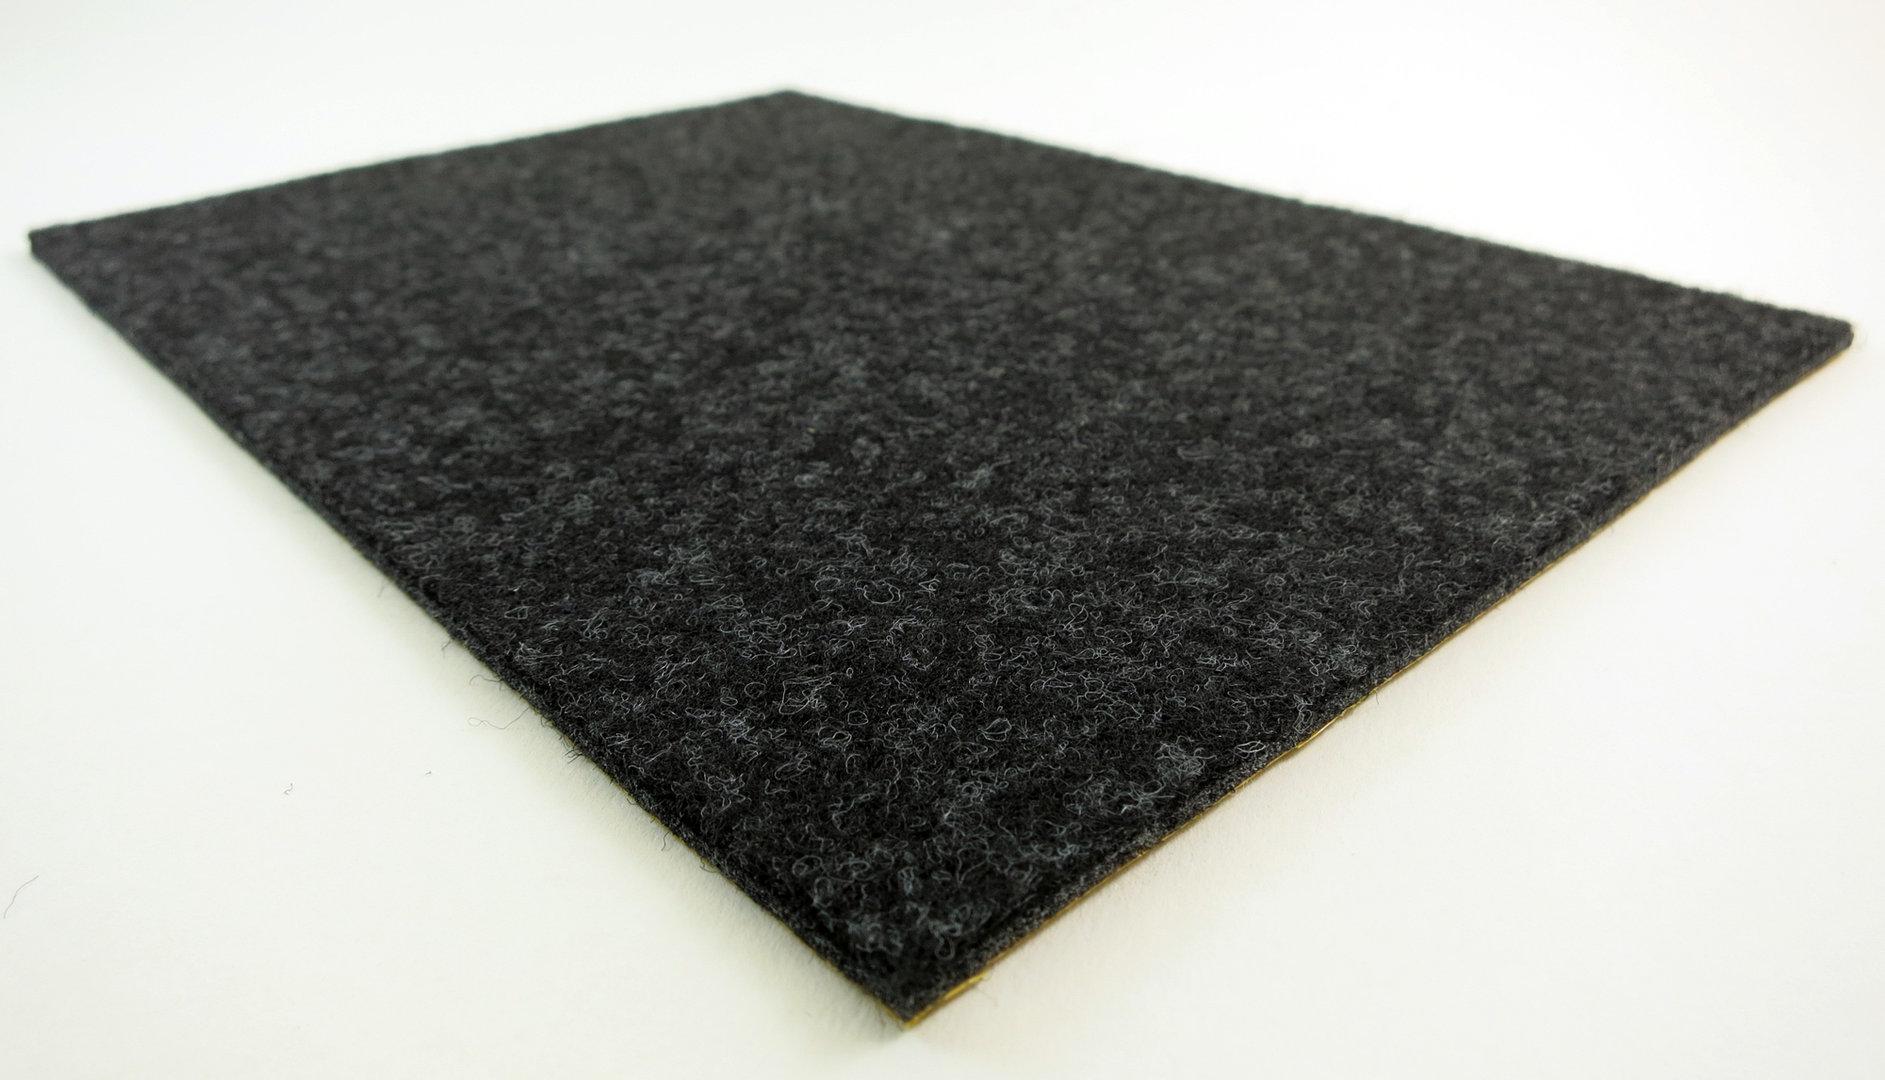 Filzgleiter quadratisch ab 5x5cm, 3mm dick | selbstklebend | schwarz, anthrazit, braun, weiß